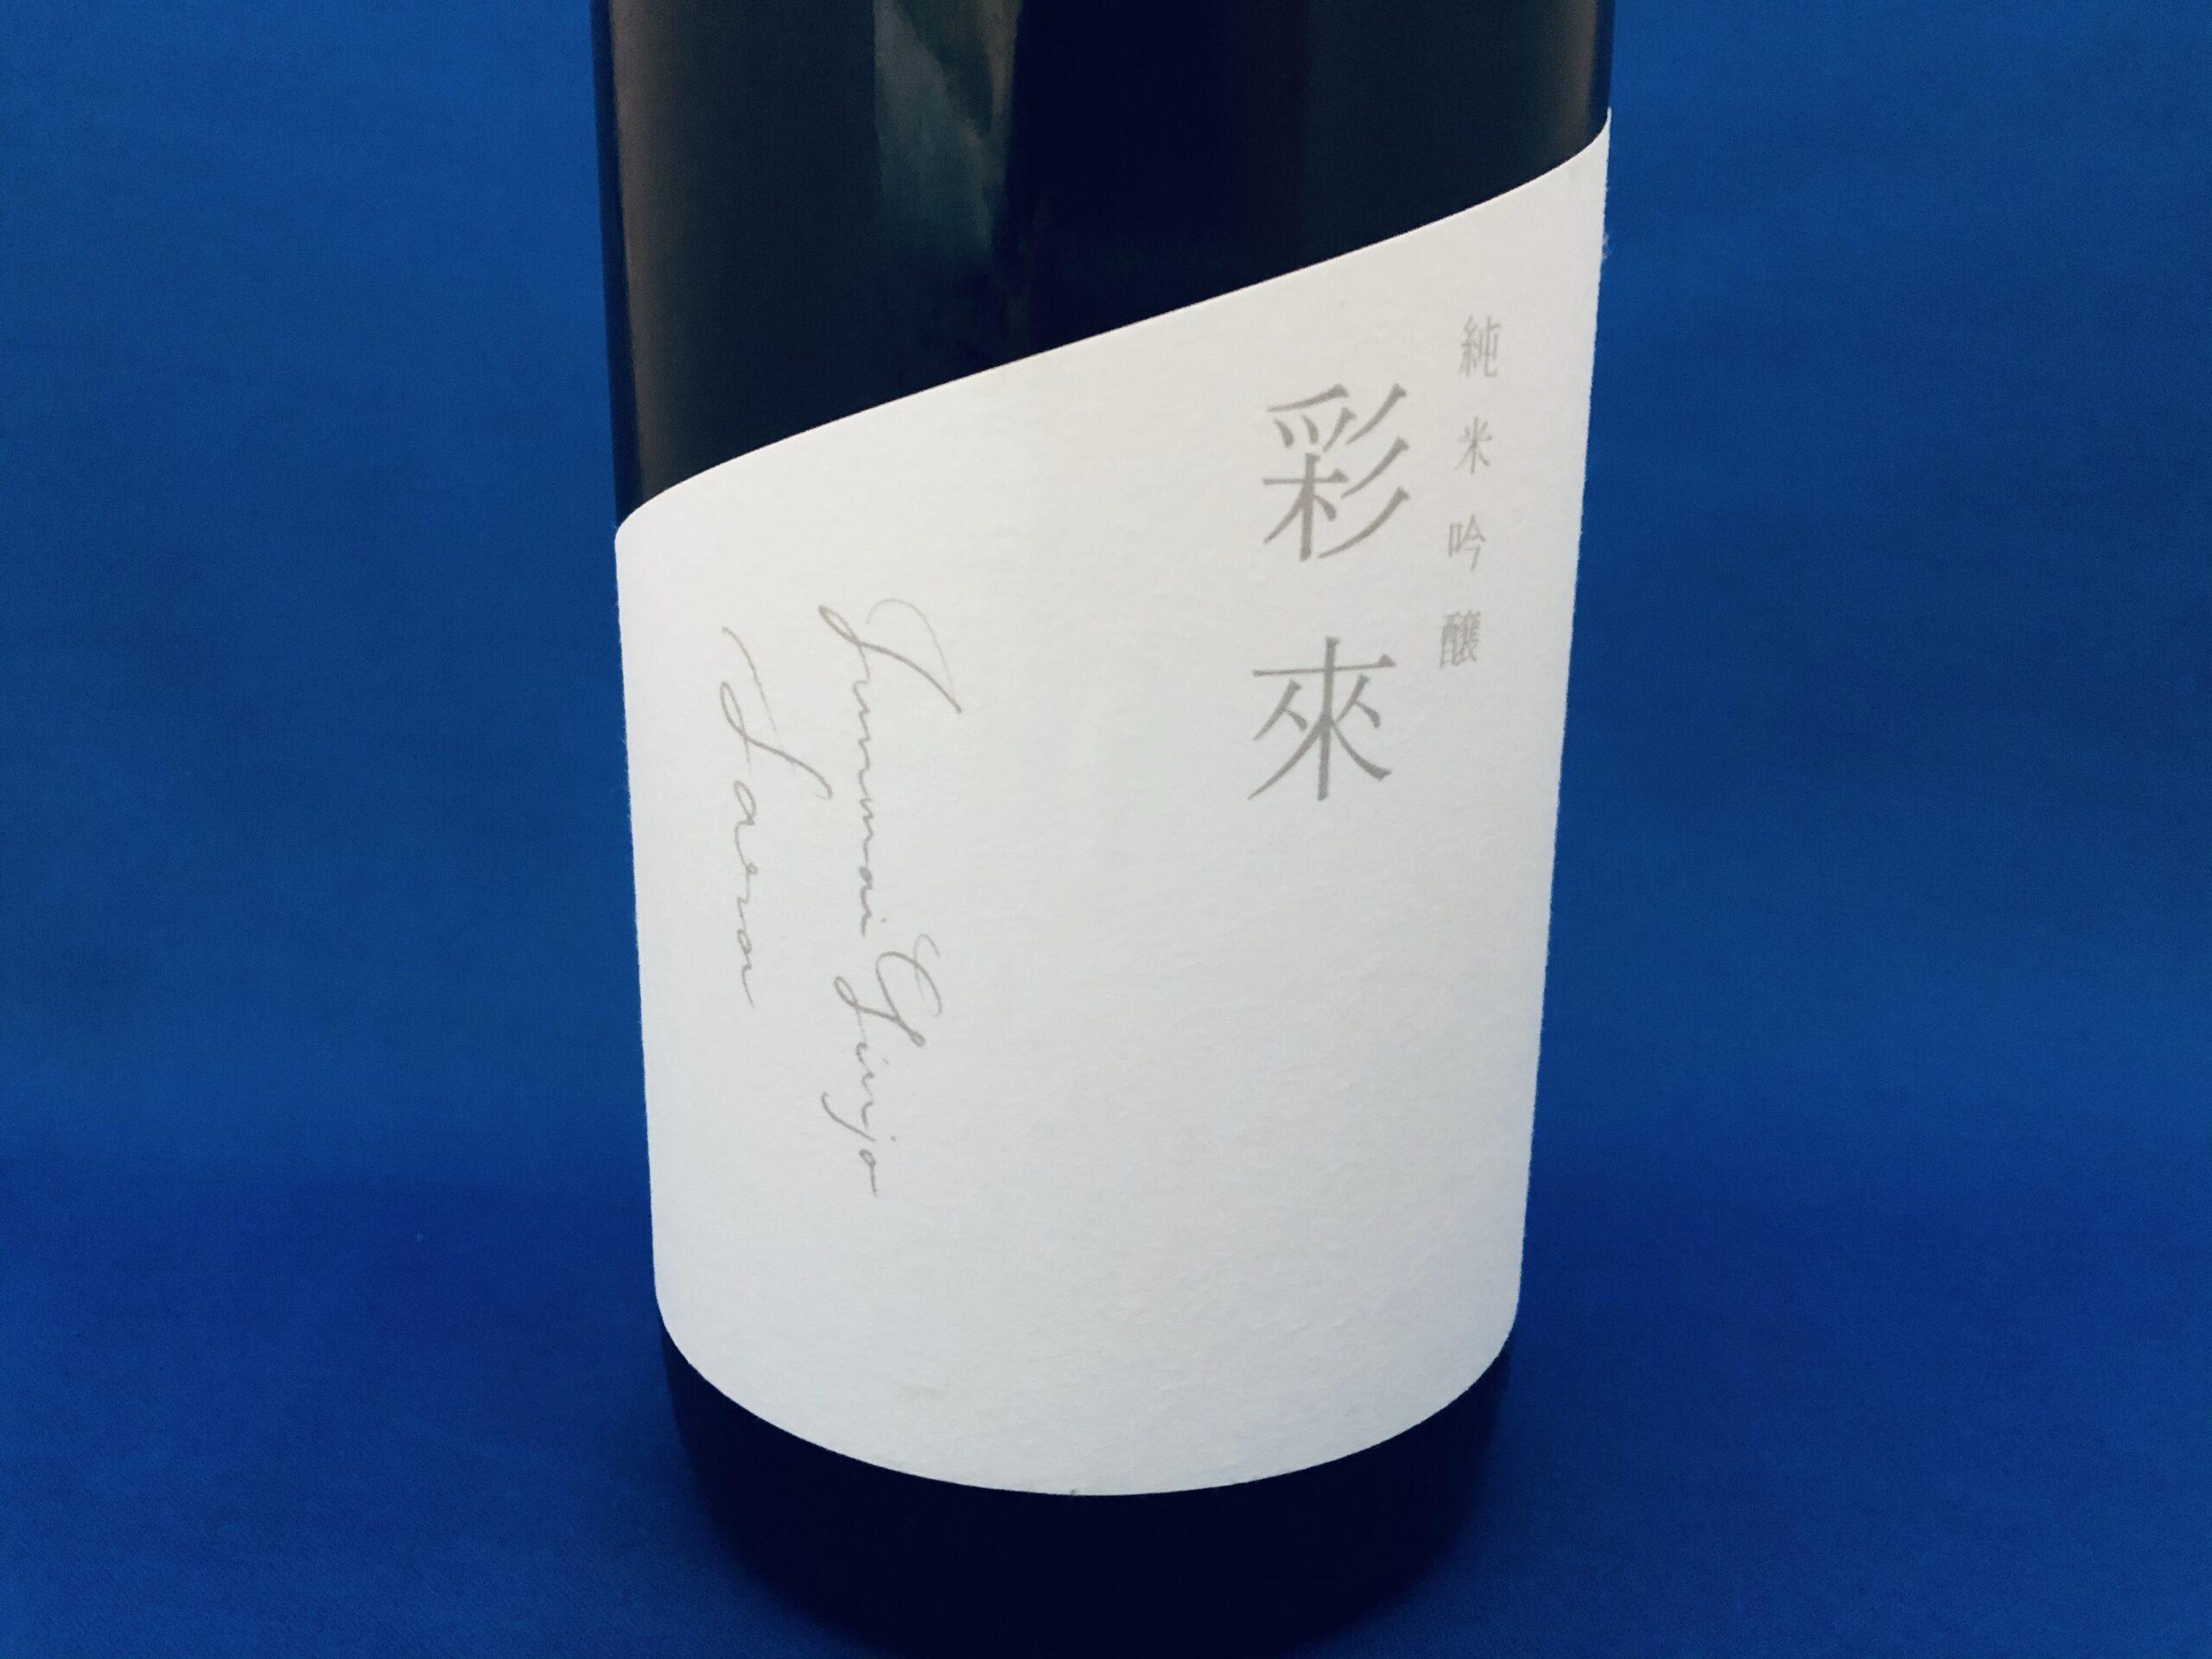 「彩來(Sara)」純米吟醸!5年の歳月をかけた理想の日本酒